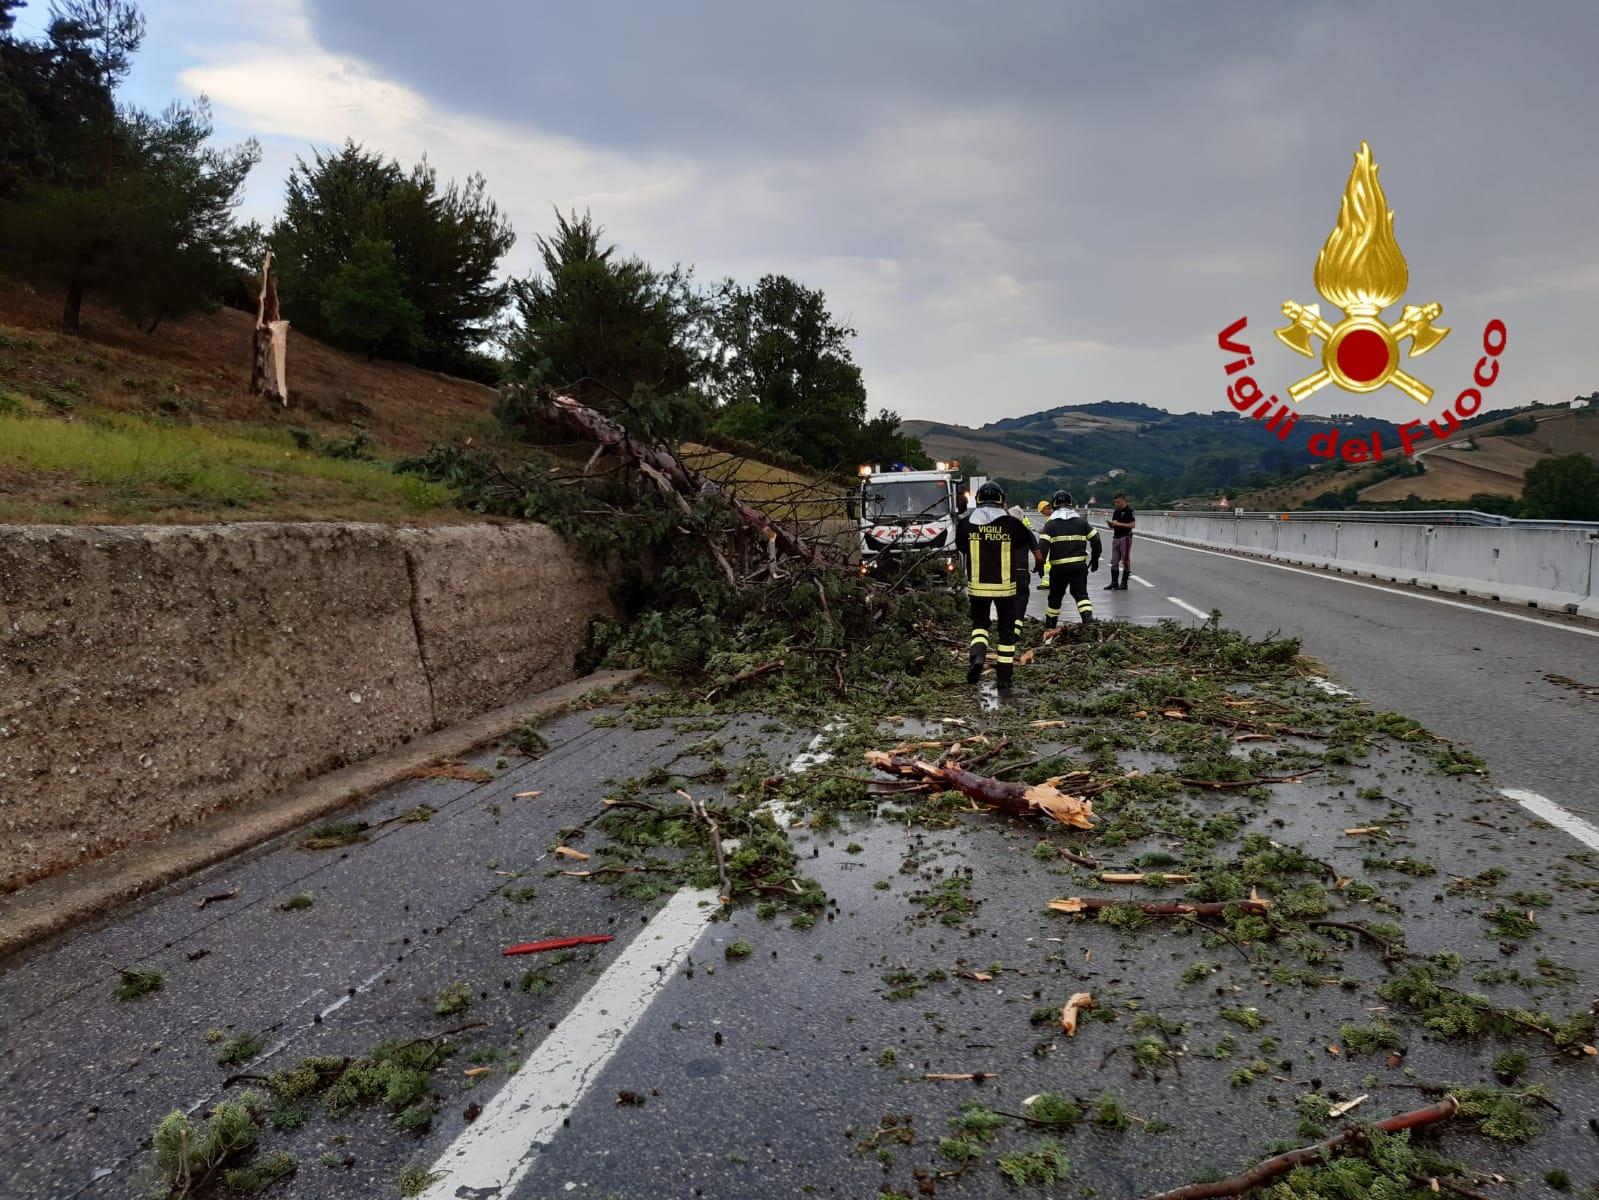 autostrada albero